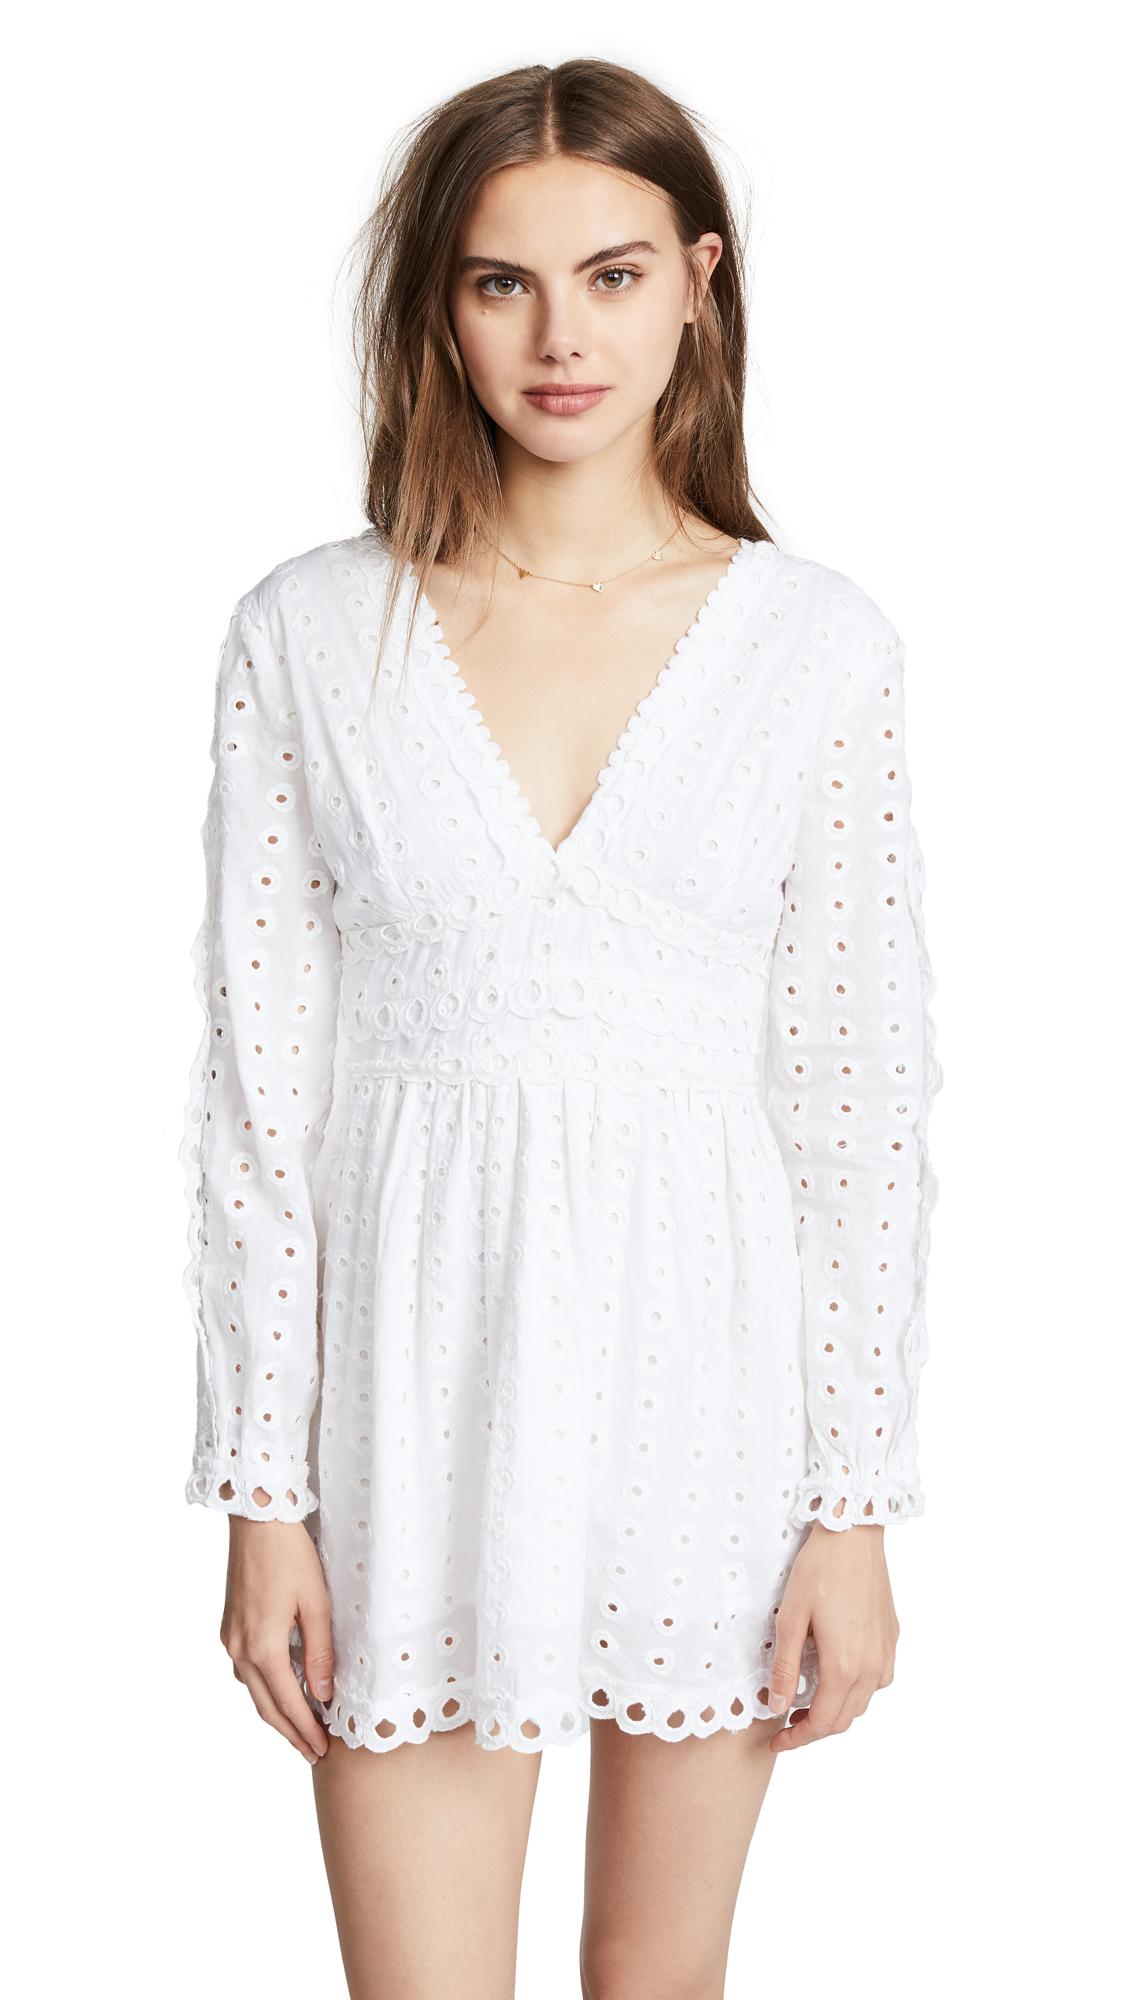 Valencia & Vine Mackenzie Dress In White